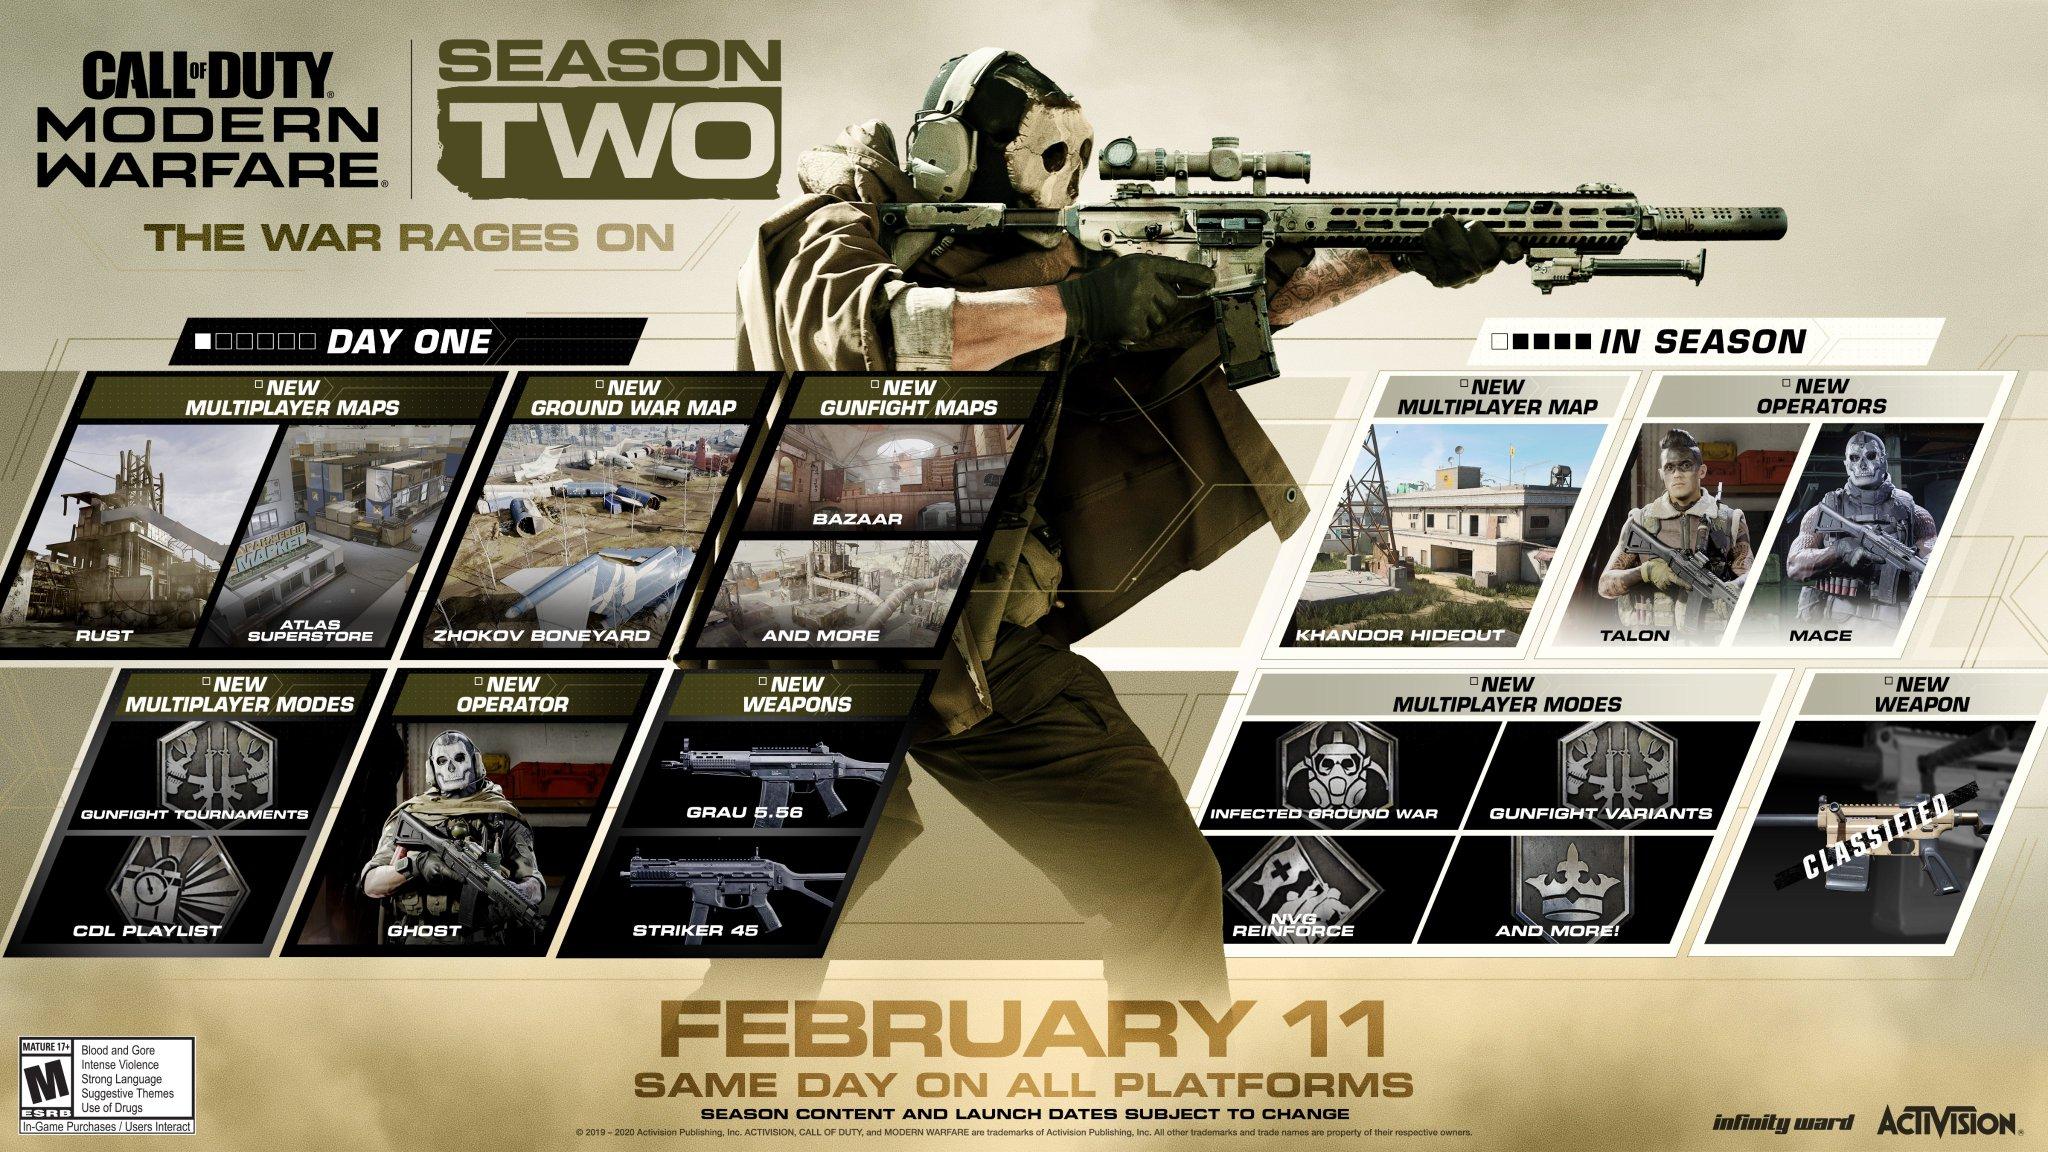 Modern Warfare Season Two roadmap.